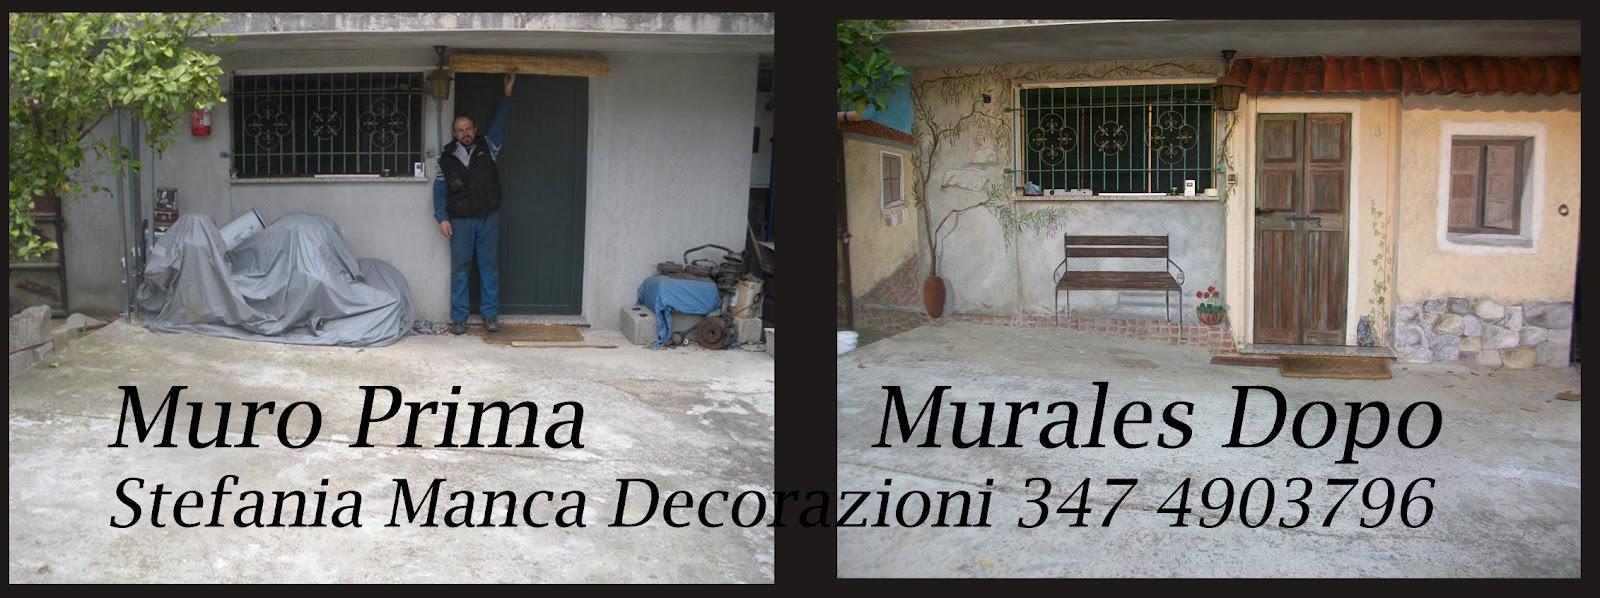 Decorazioni porte esterne we12 regardsdefemmes for Decorazioni esterne giardino